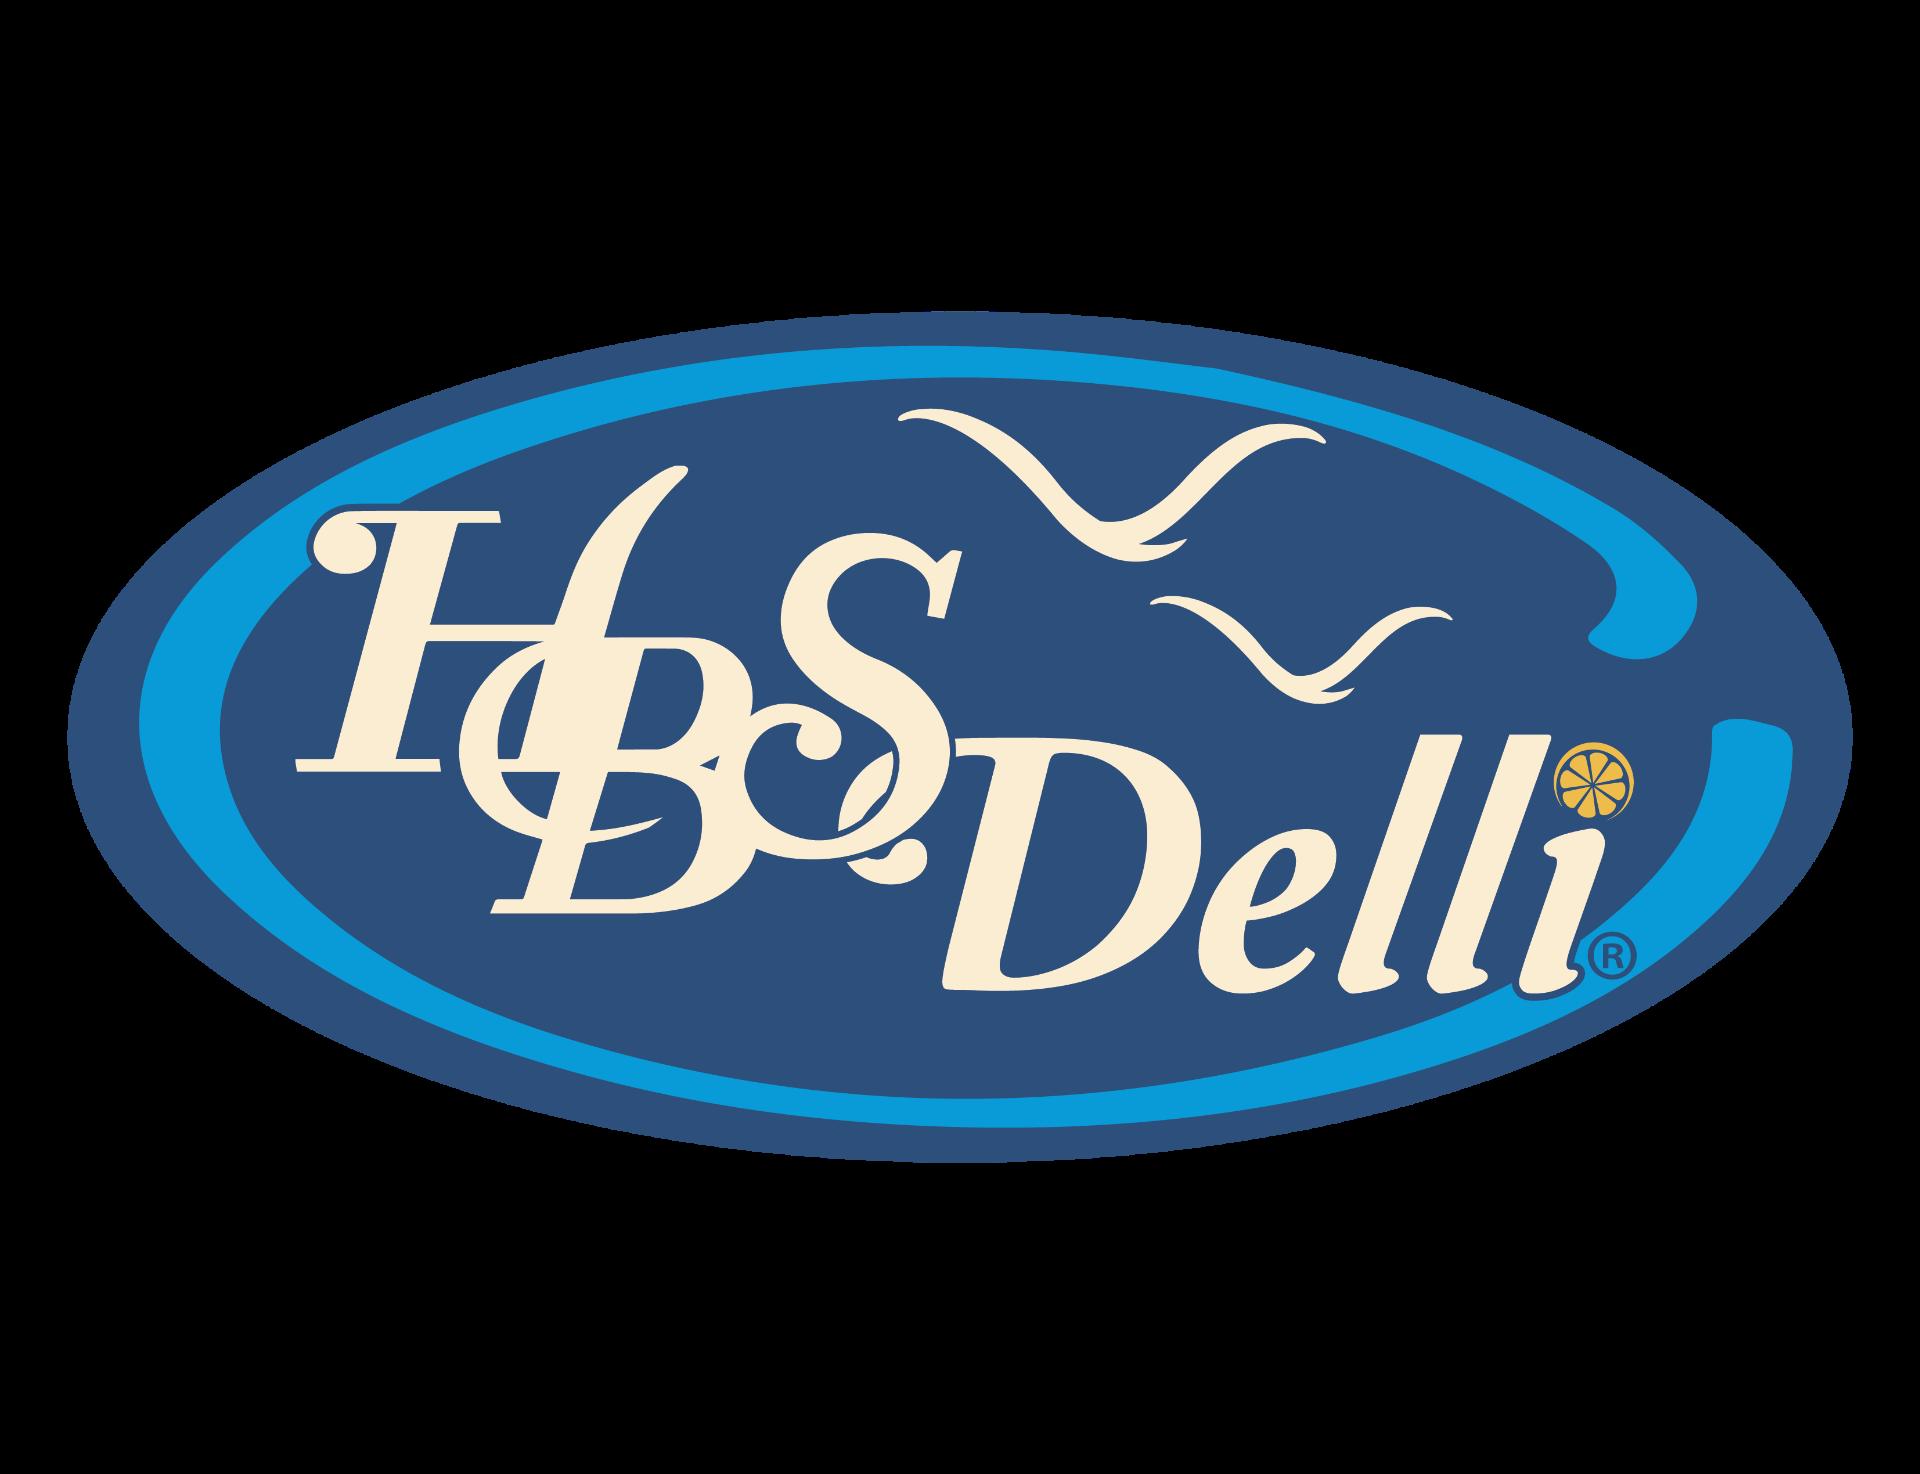 HBS-Delli